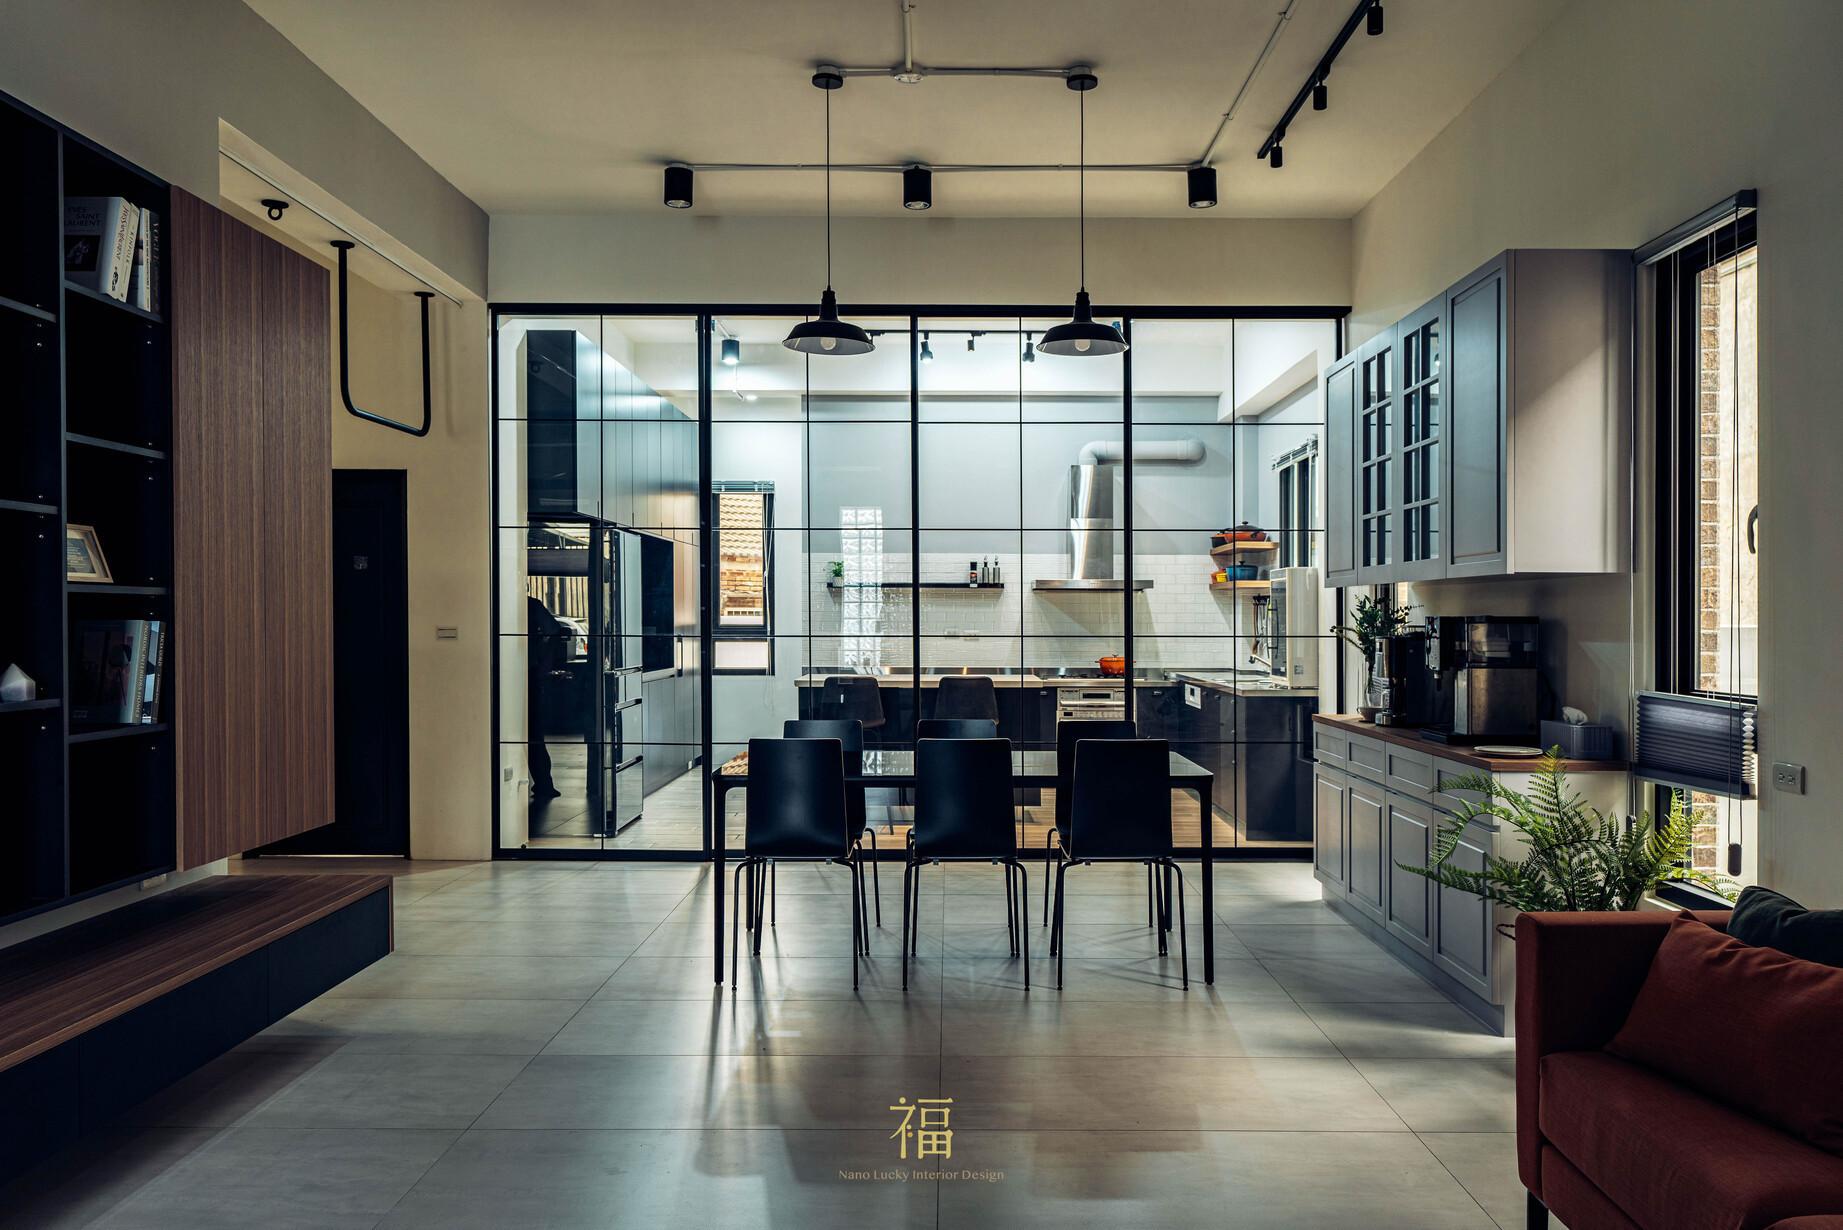 溪口盧宅|絕美質感廚房餐廳|嘉義住宅空間設計